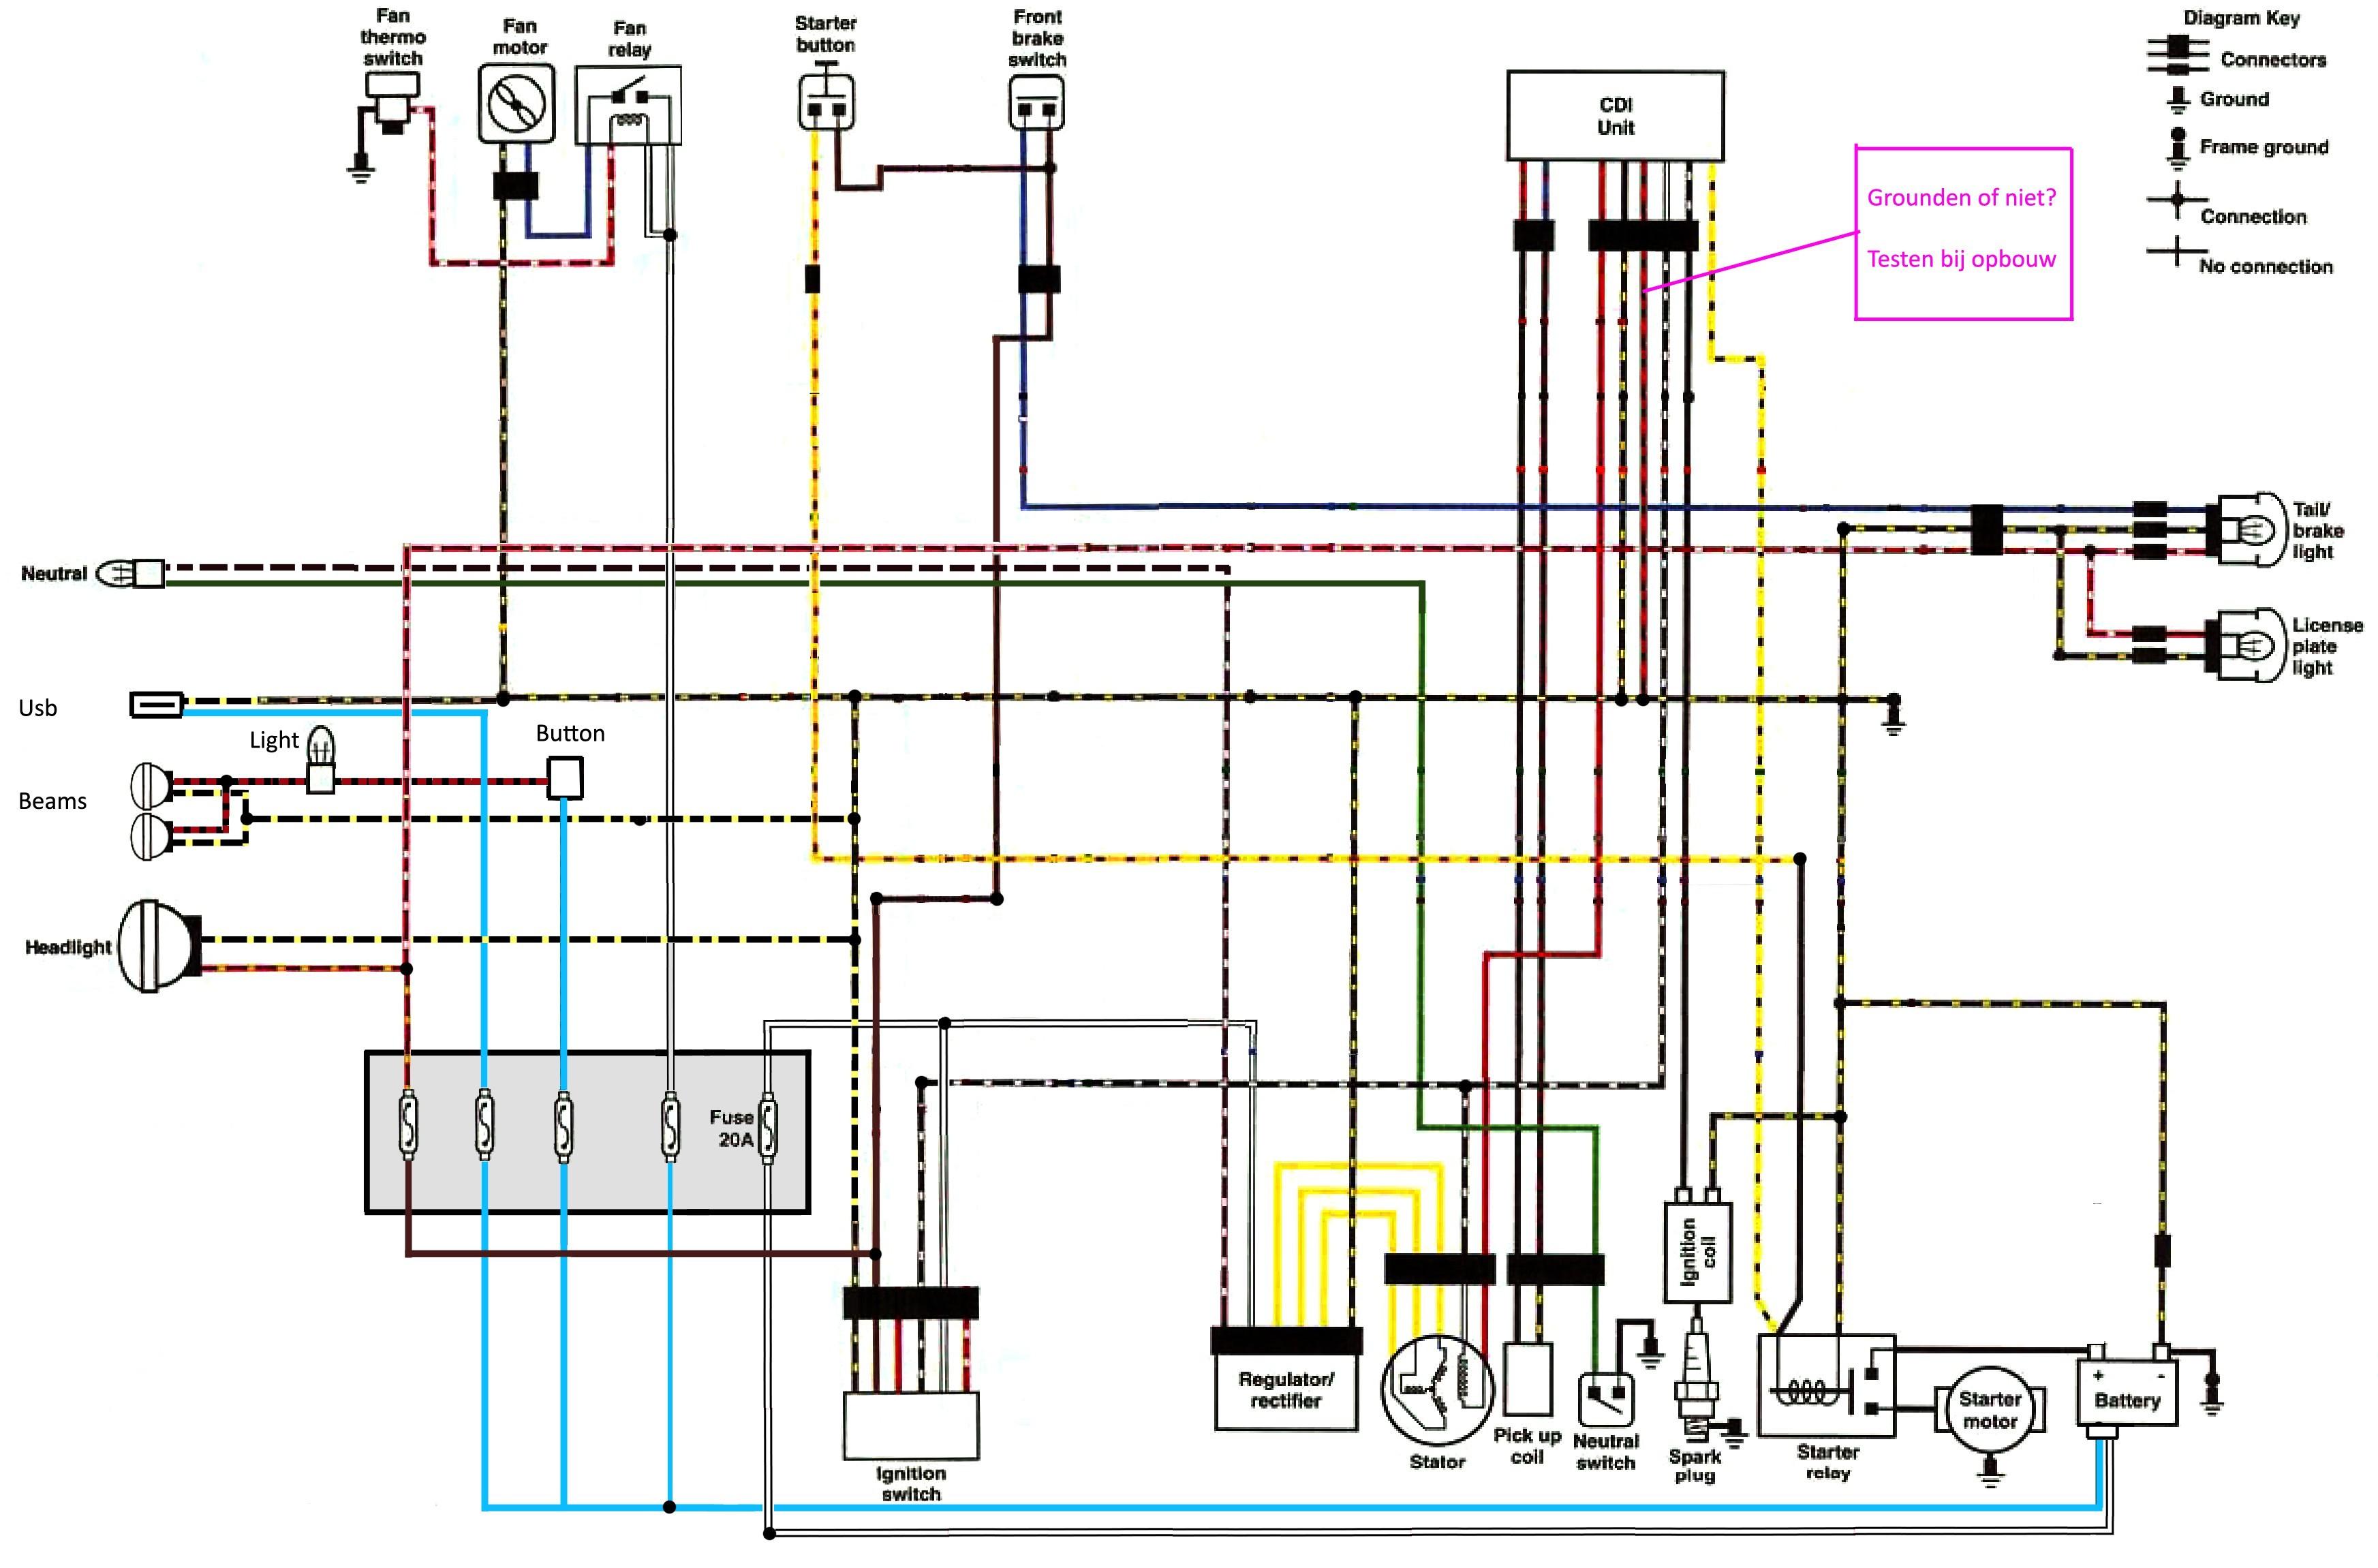 kawasaki klr 650 wiring harness wiring diagram wiring wire center u2022 rh snaposaur co